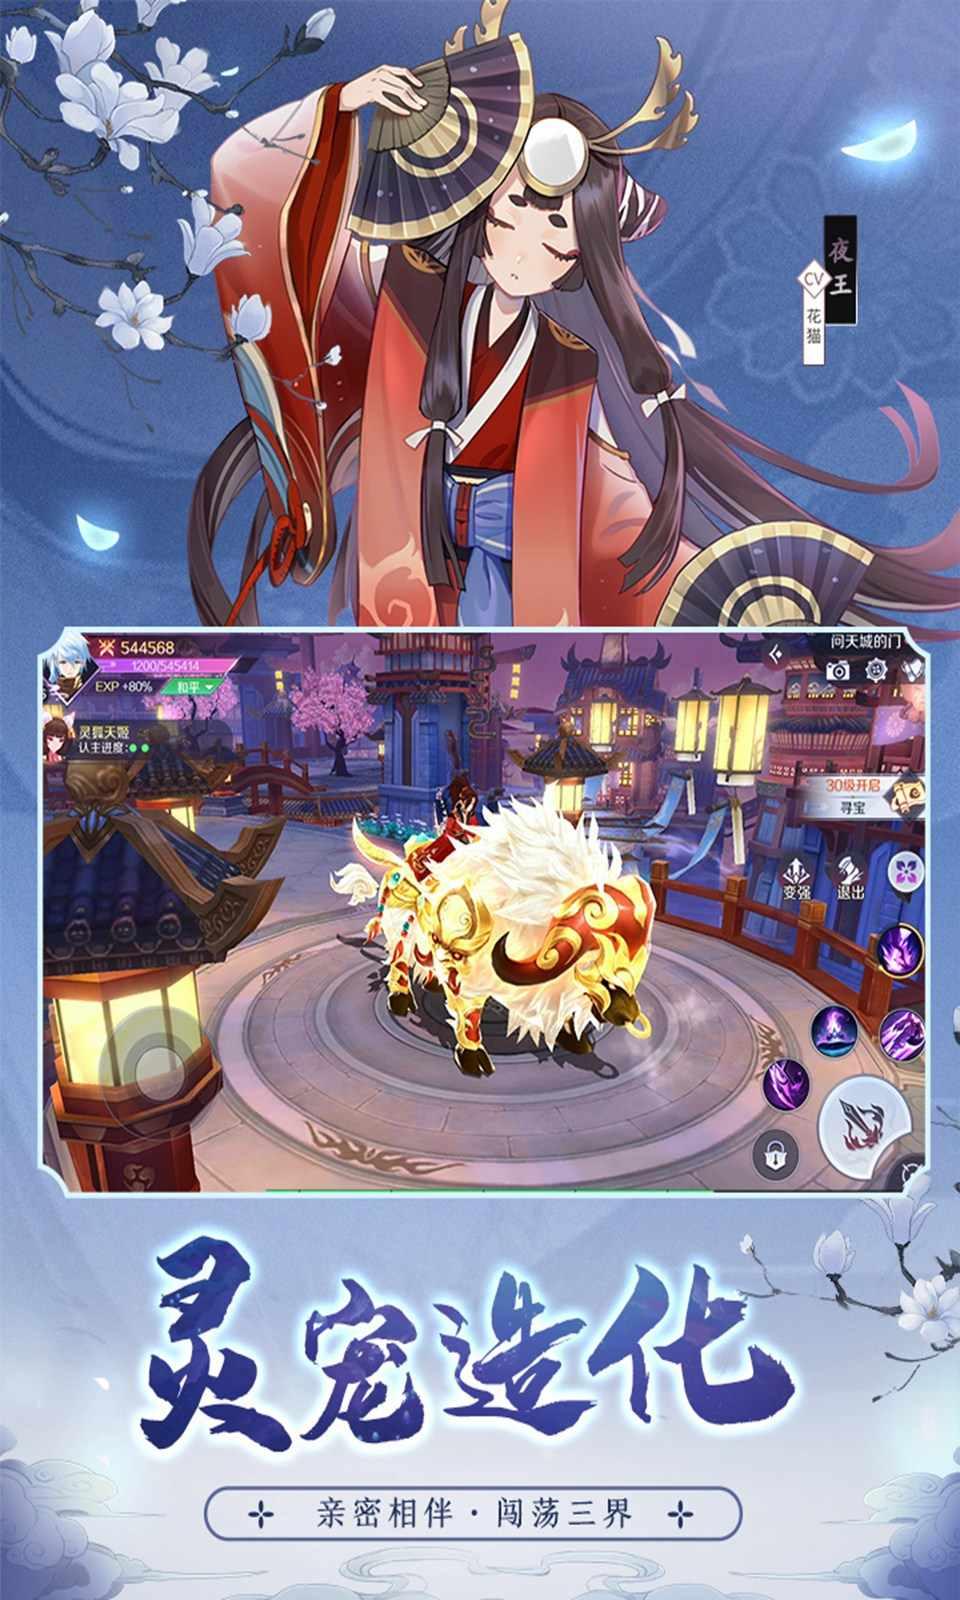 手机游戏通用版_天姬变_安卓手机游戏免费版下载_7723手机游戏